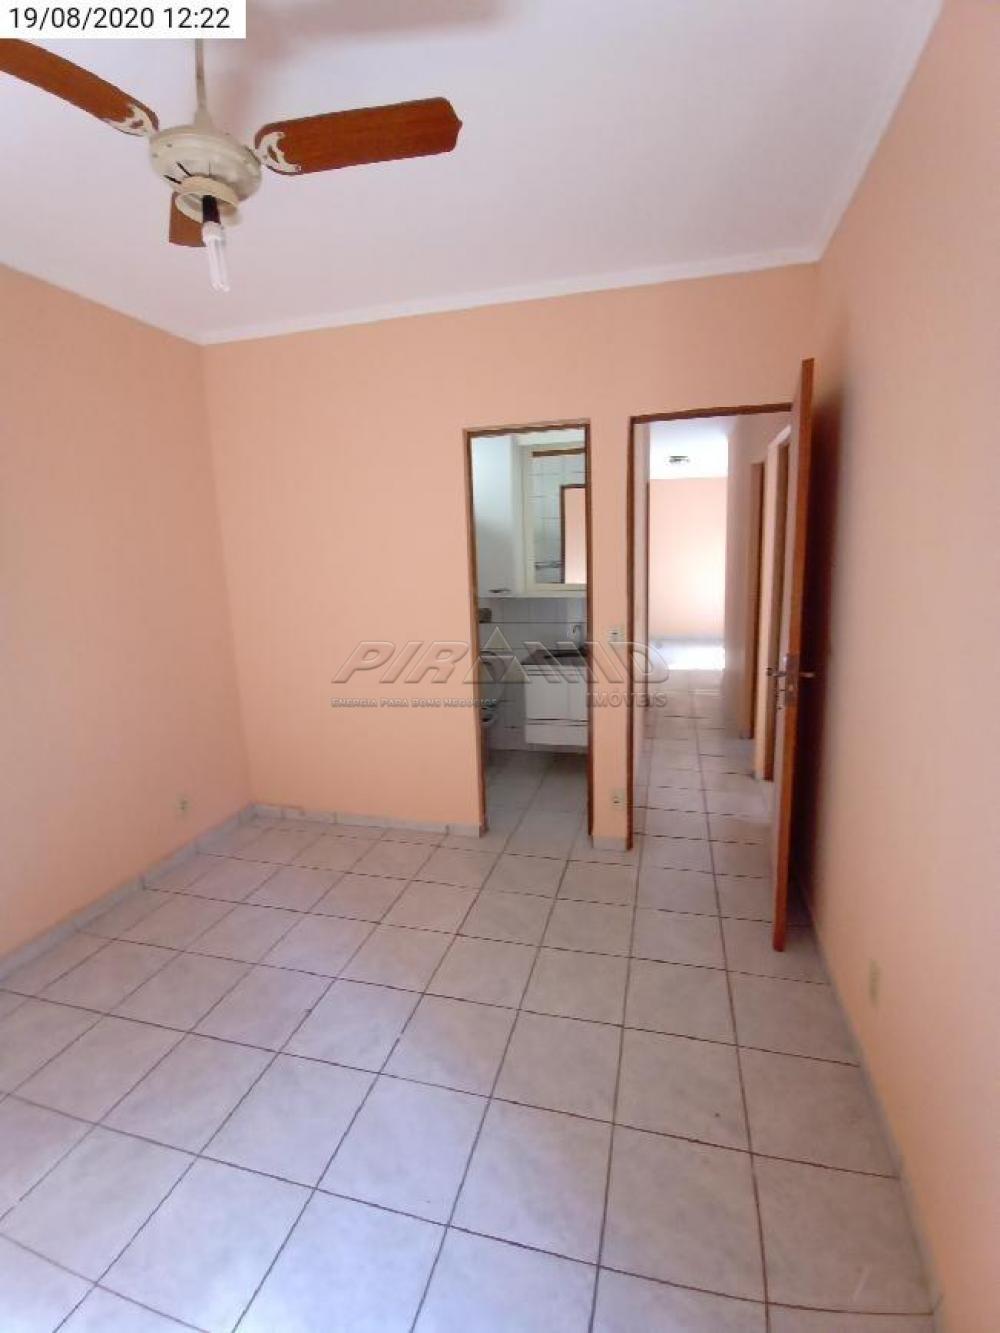 Alugar Apartamento / Padrão em Ribeirão Preto R$ 675,00 - Foto 9